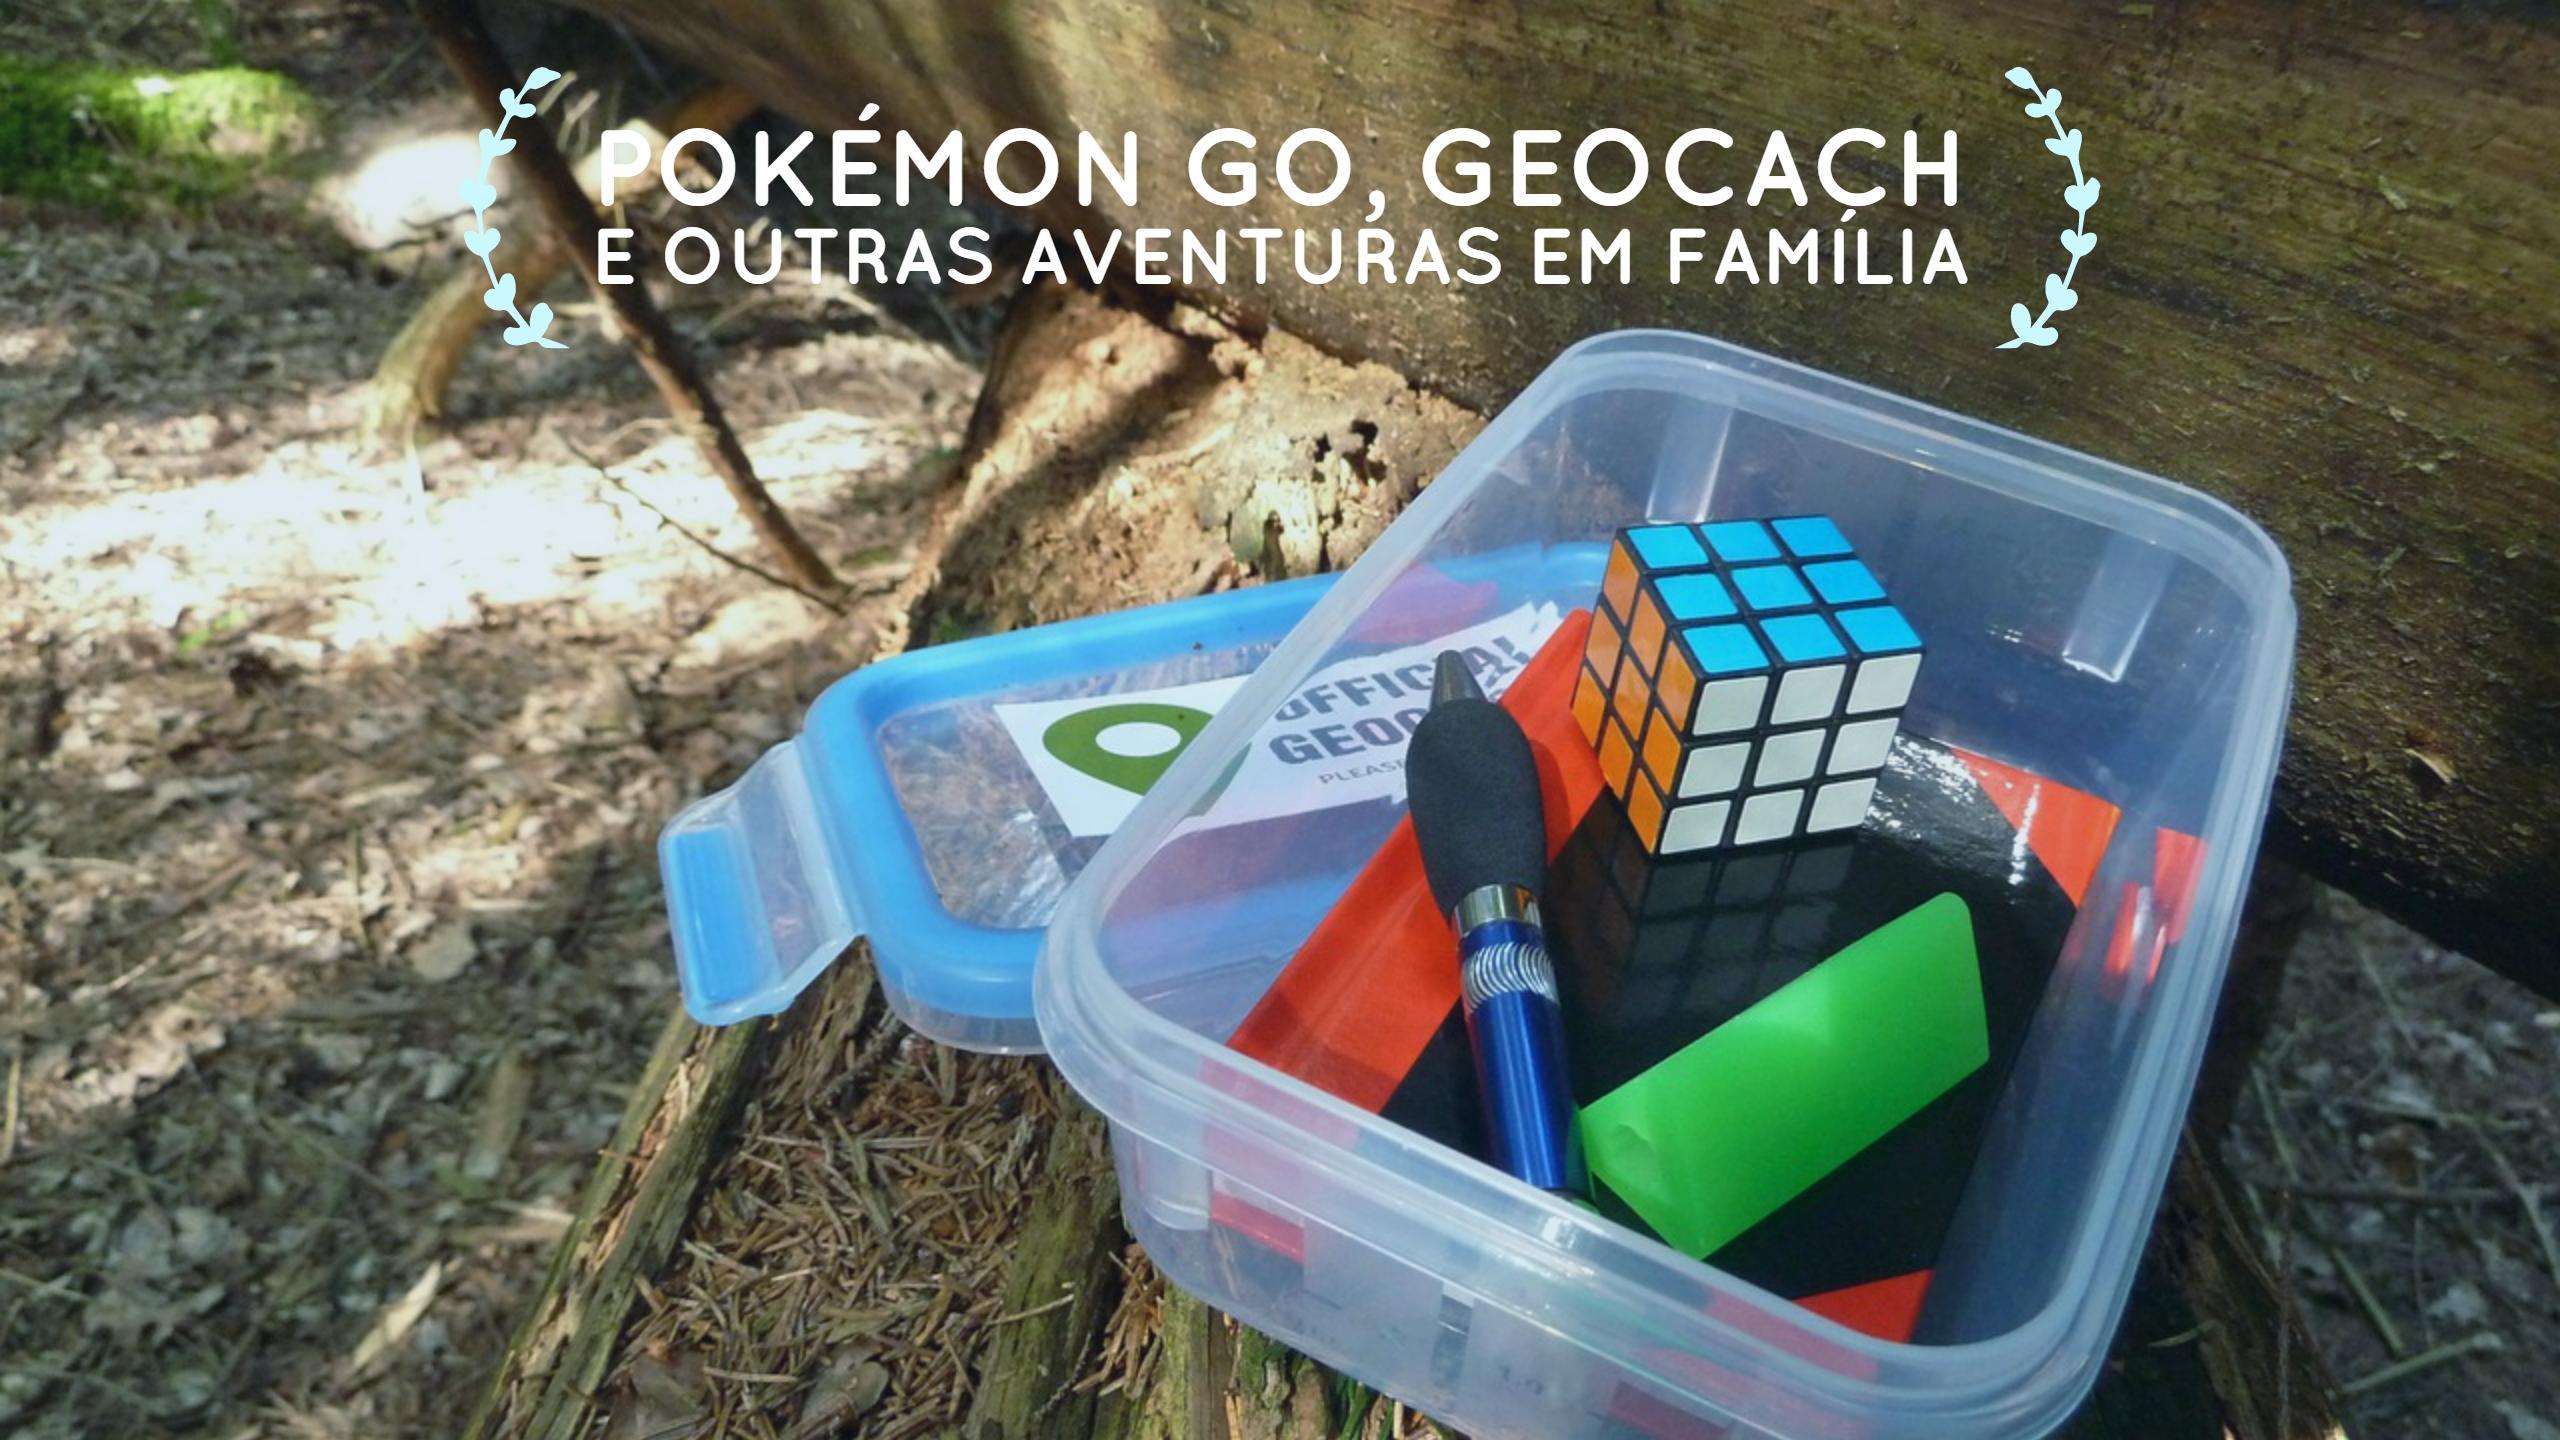 Pokémon Go, Geocach e outras Aventuras em Família